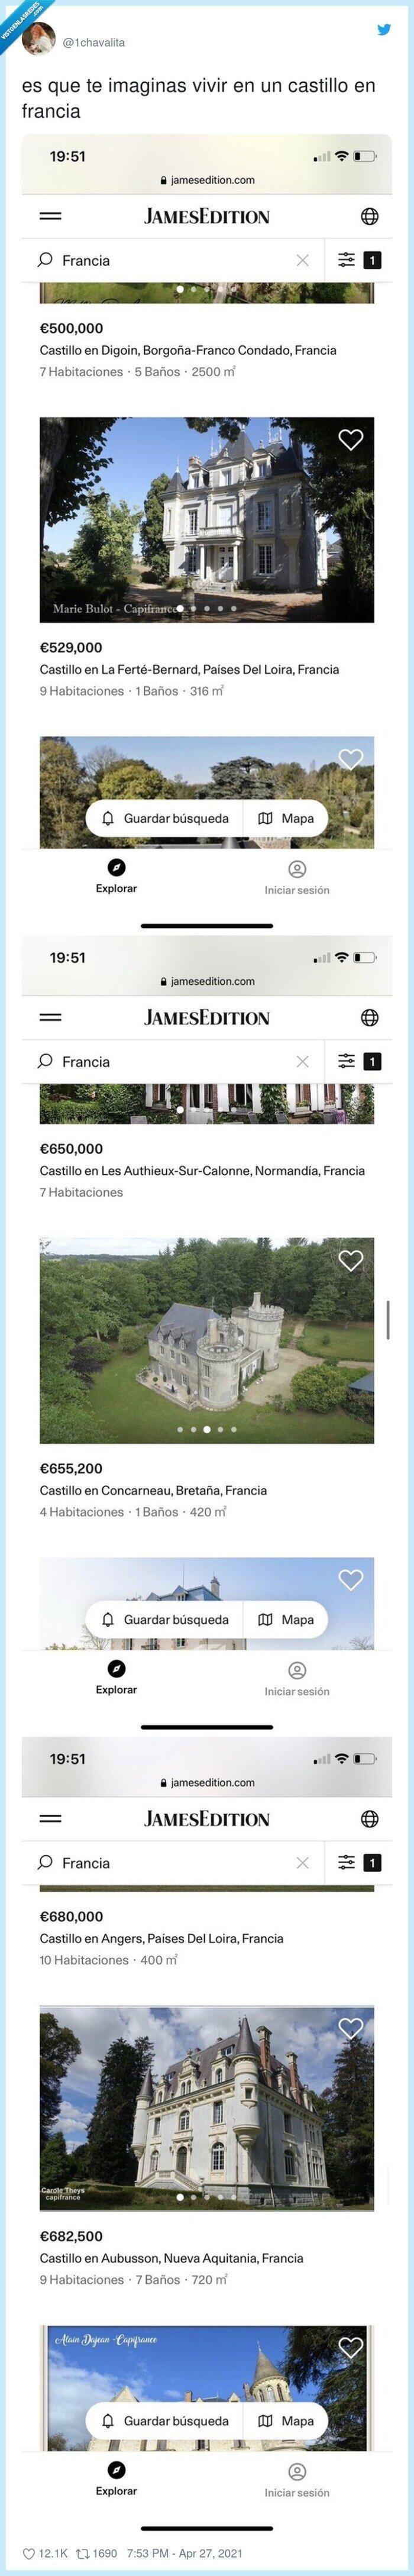 castillos,francia,loira,vivir